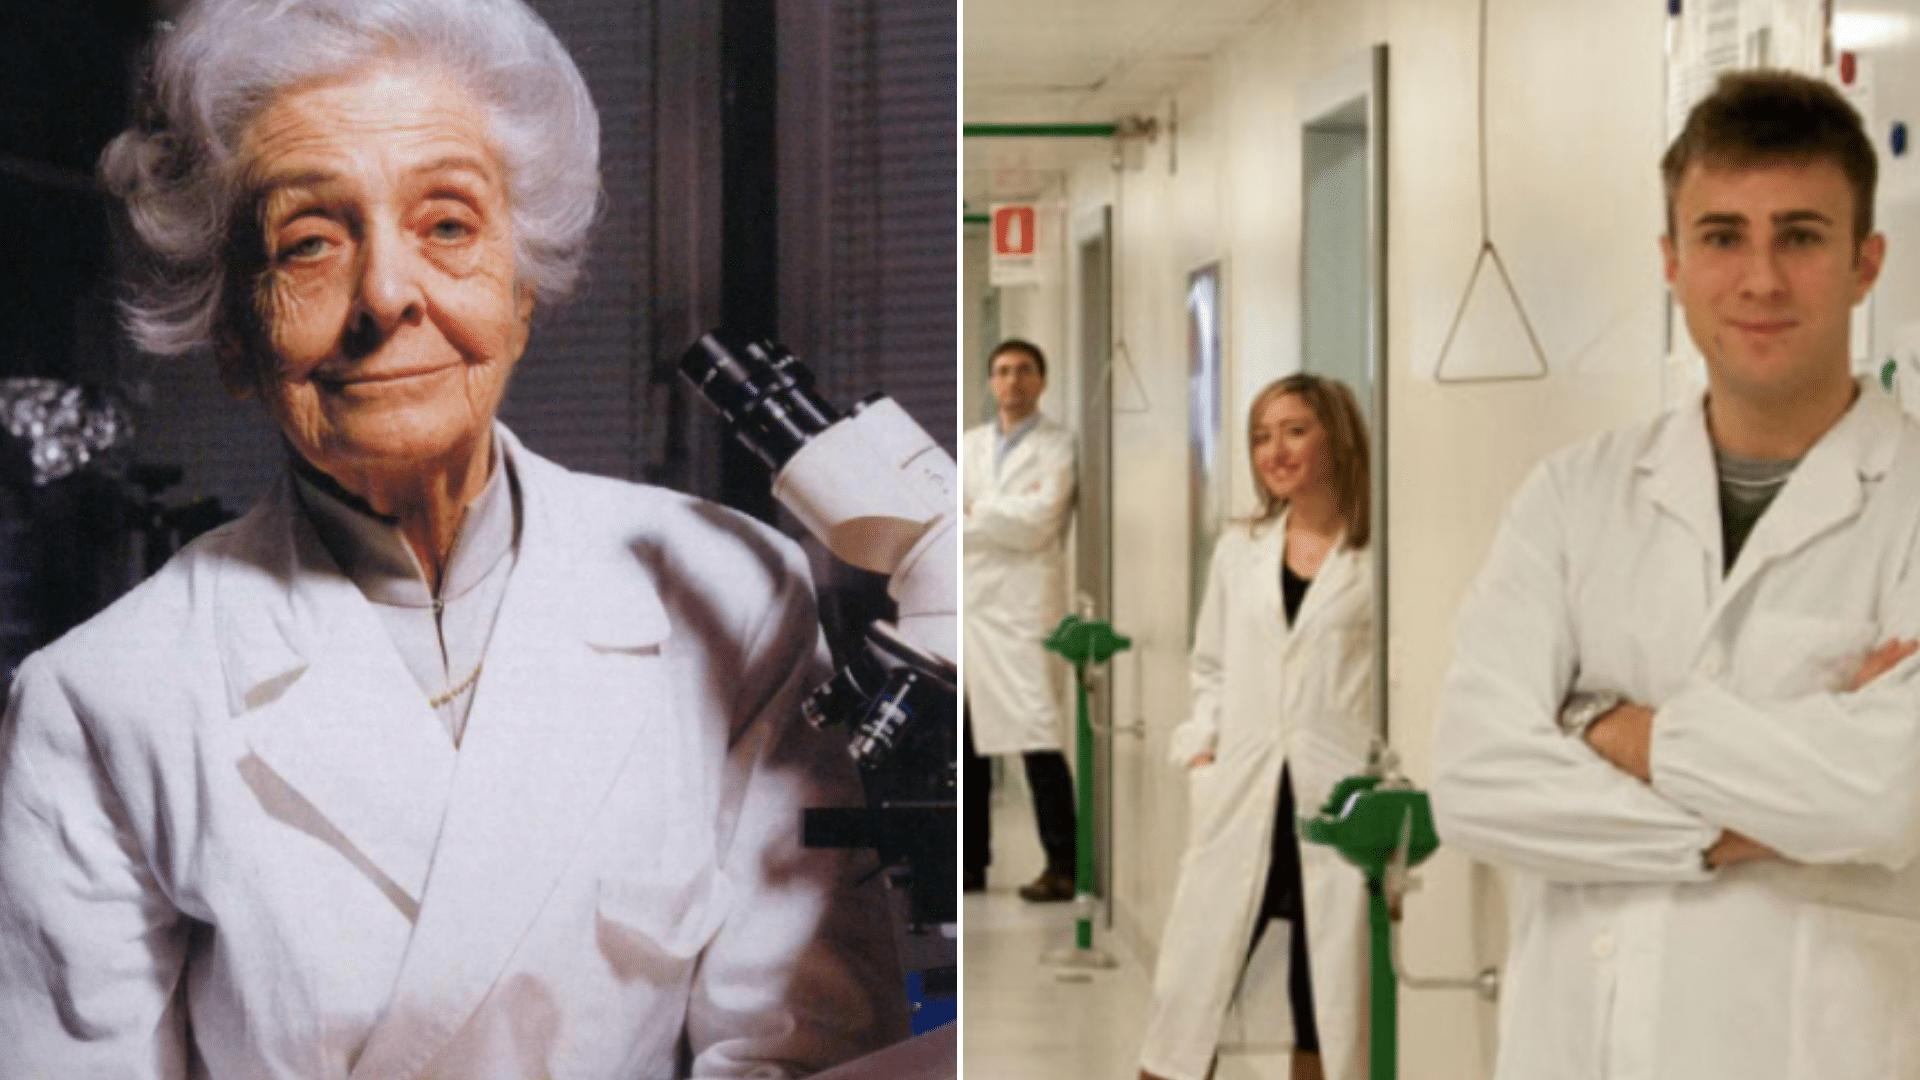 Scienza, il governo taglia fondi all'Istituto di ricerca fondato dalla Montalcini